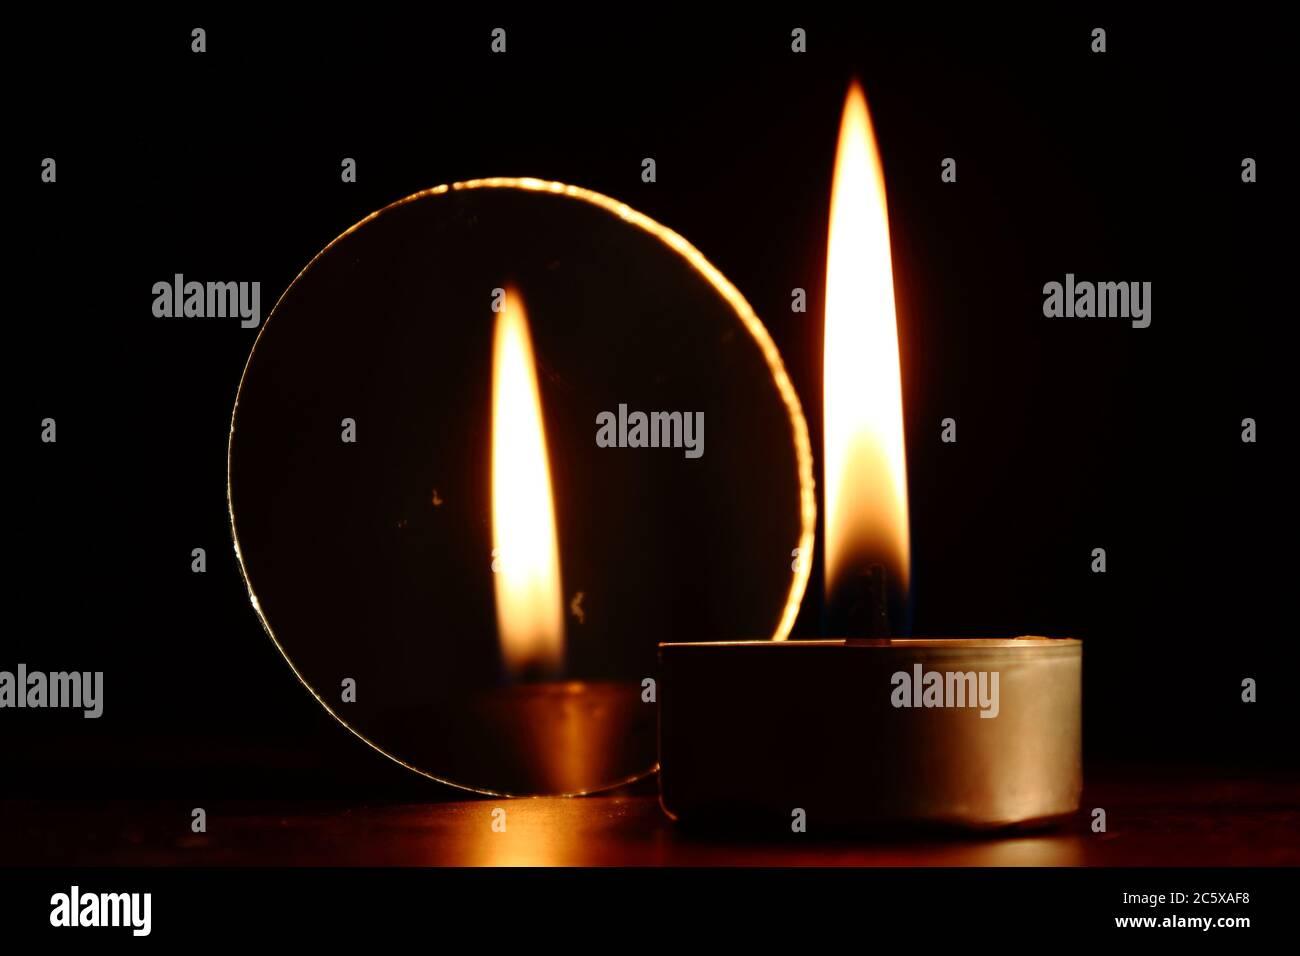 Brennende Kerze neben einem Spiegel, der seine Spiegelung zeigt, dunkler Hintergrund Stockfoto